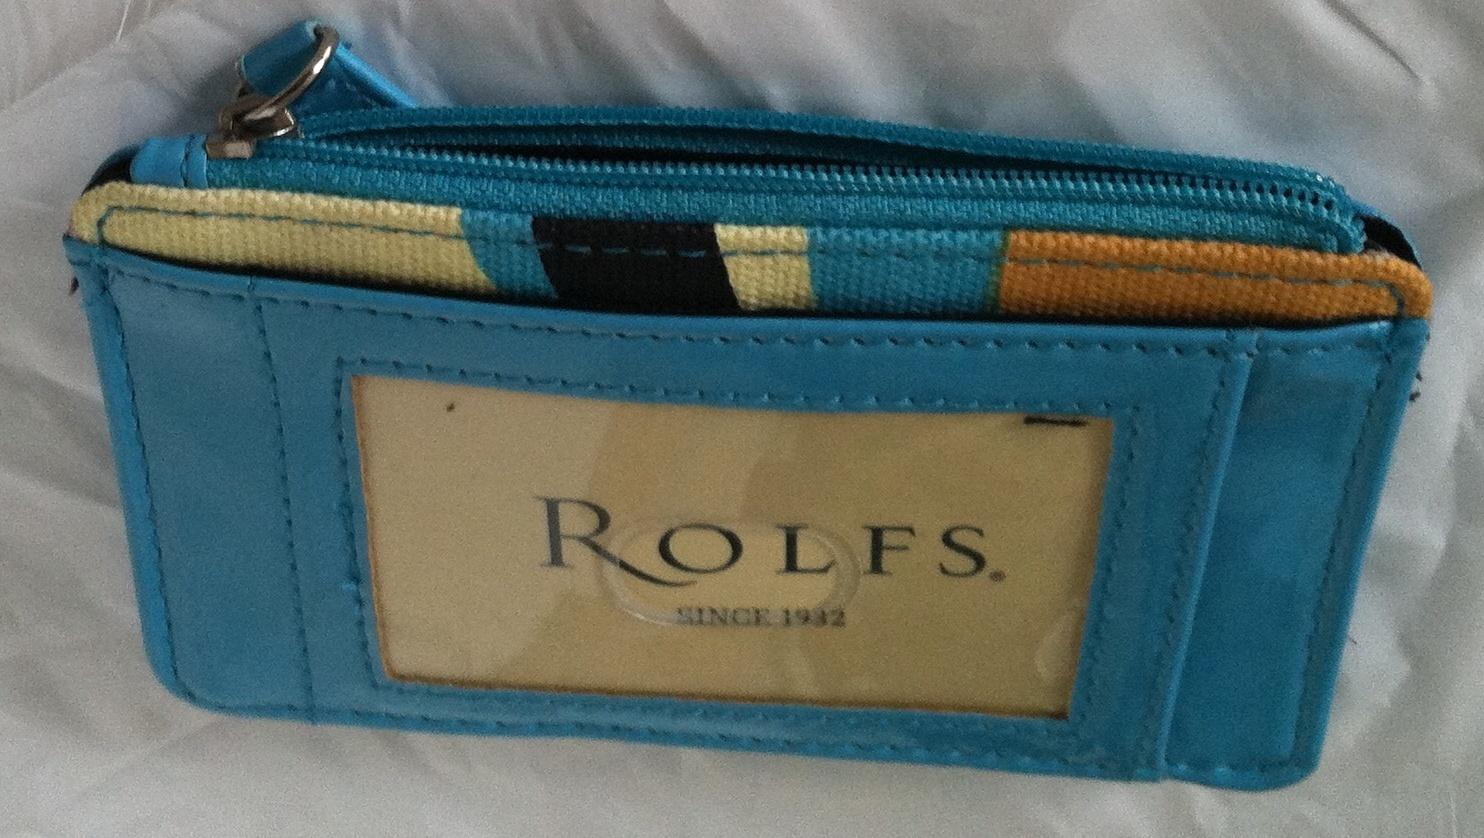 Rolfs Zip Around Leather Mini Slim Organizer Blue Wallet Card Holder Wallet